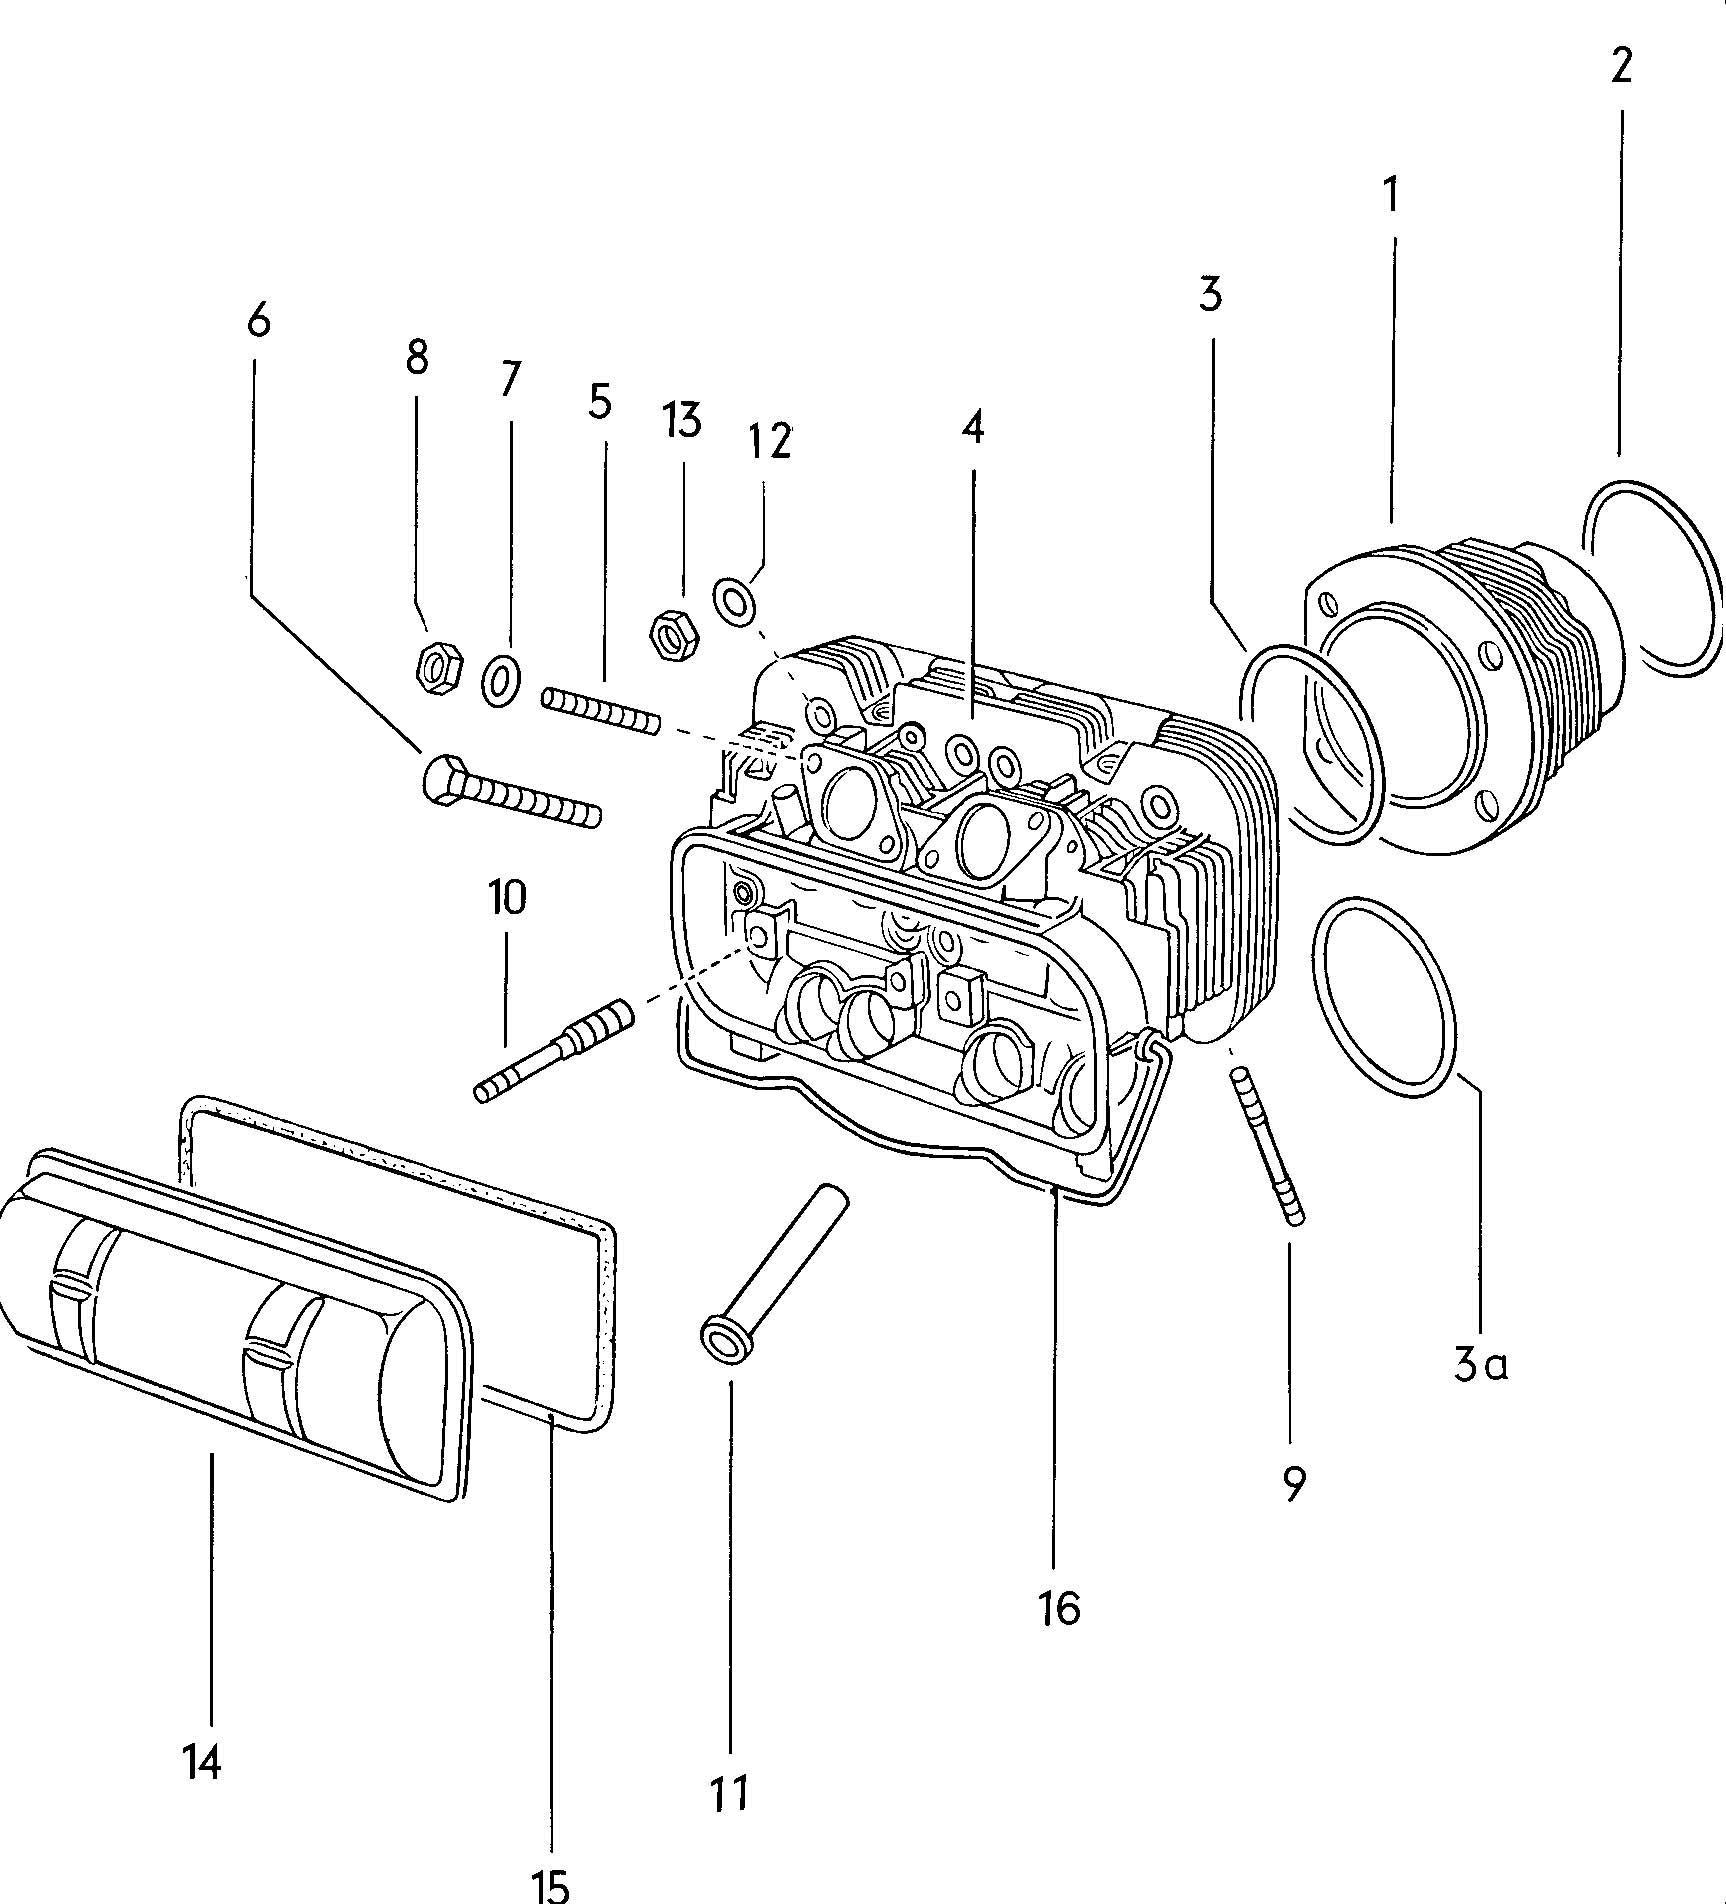 Volkswagen Type 4 Exhaust Valve Guide With Shoulder Guide